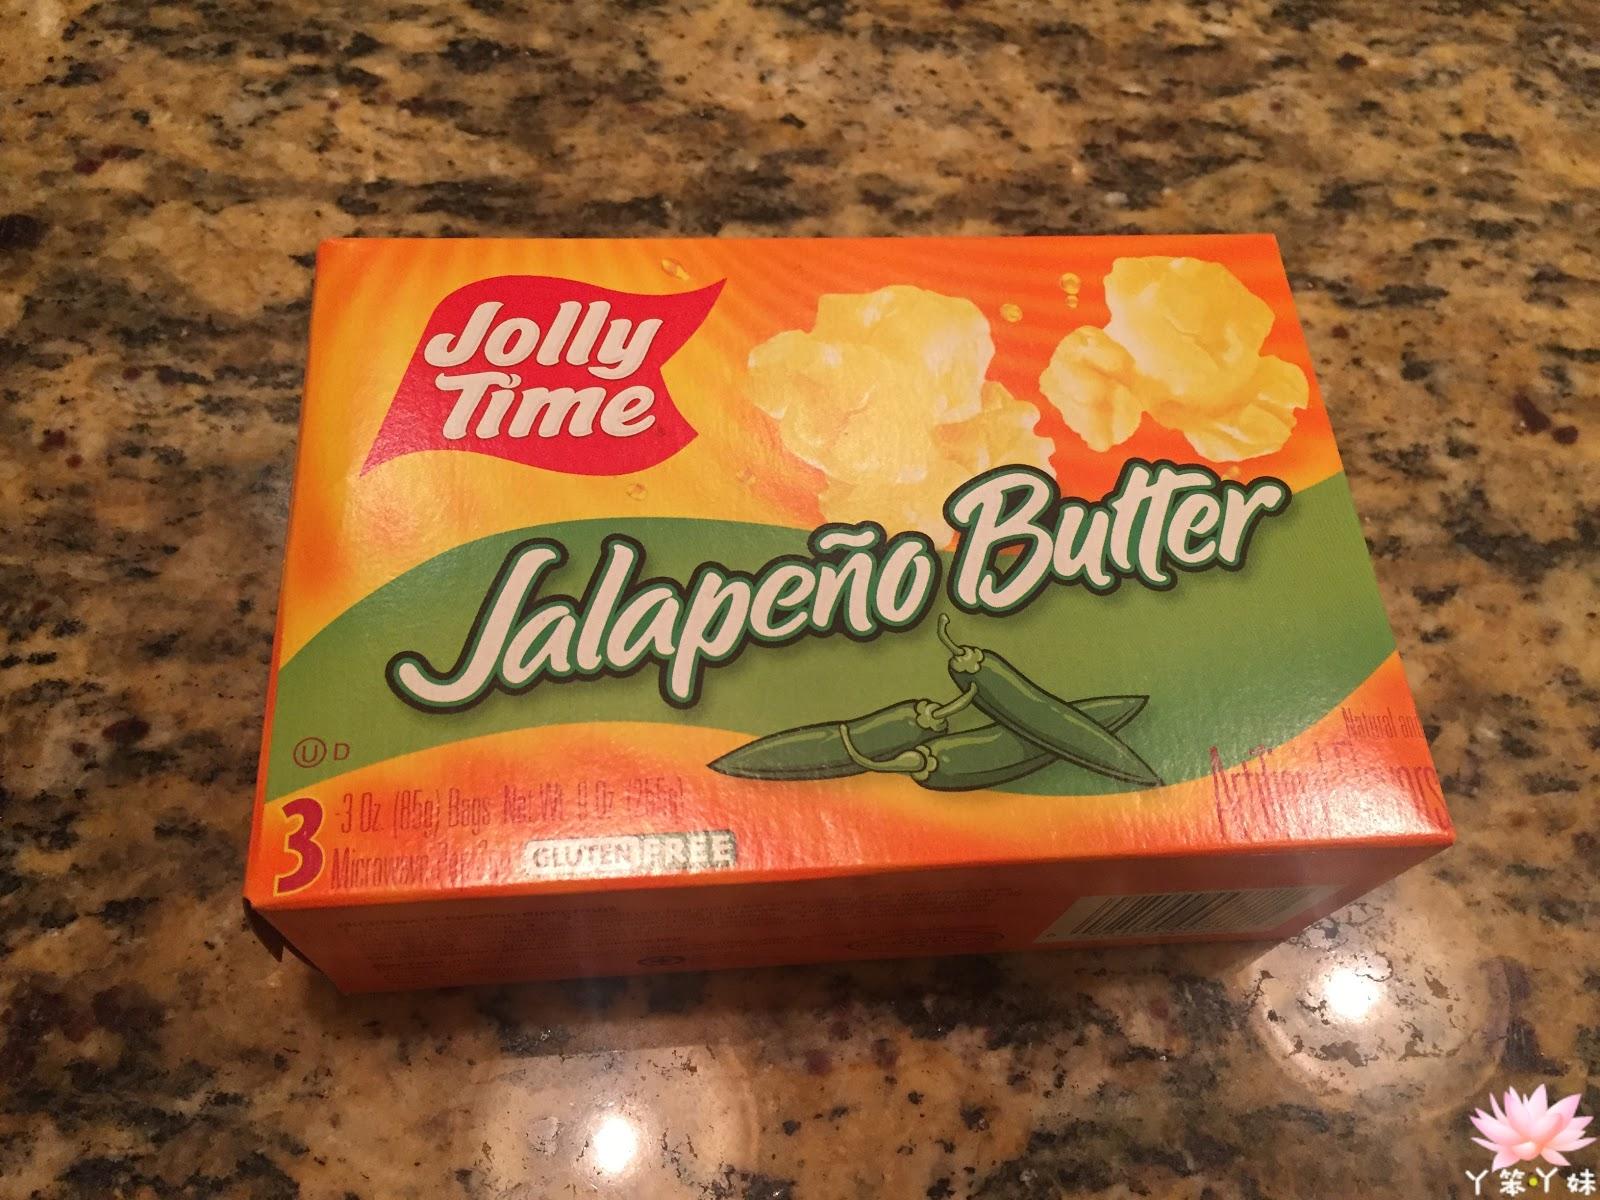 【美國・Safeway】Jalapeño Popcorn (墨西哥辣椒口味爆米花) : Y笨Y妹